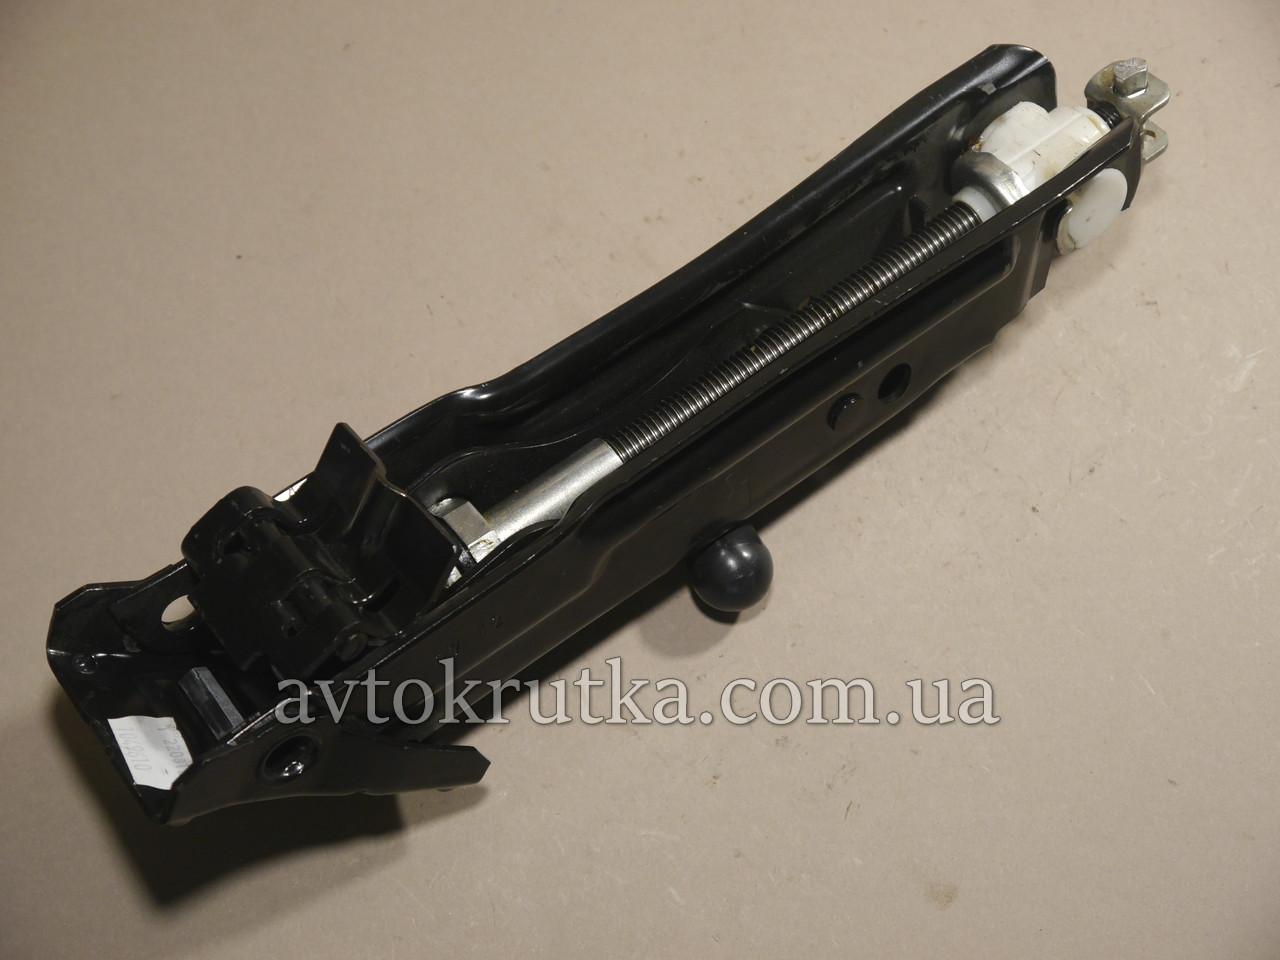 Домкрат Mini Cooper R52